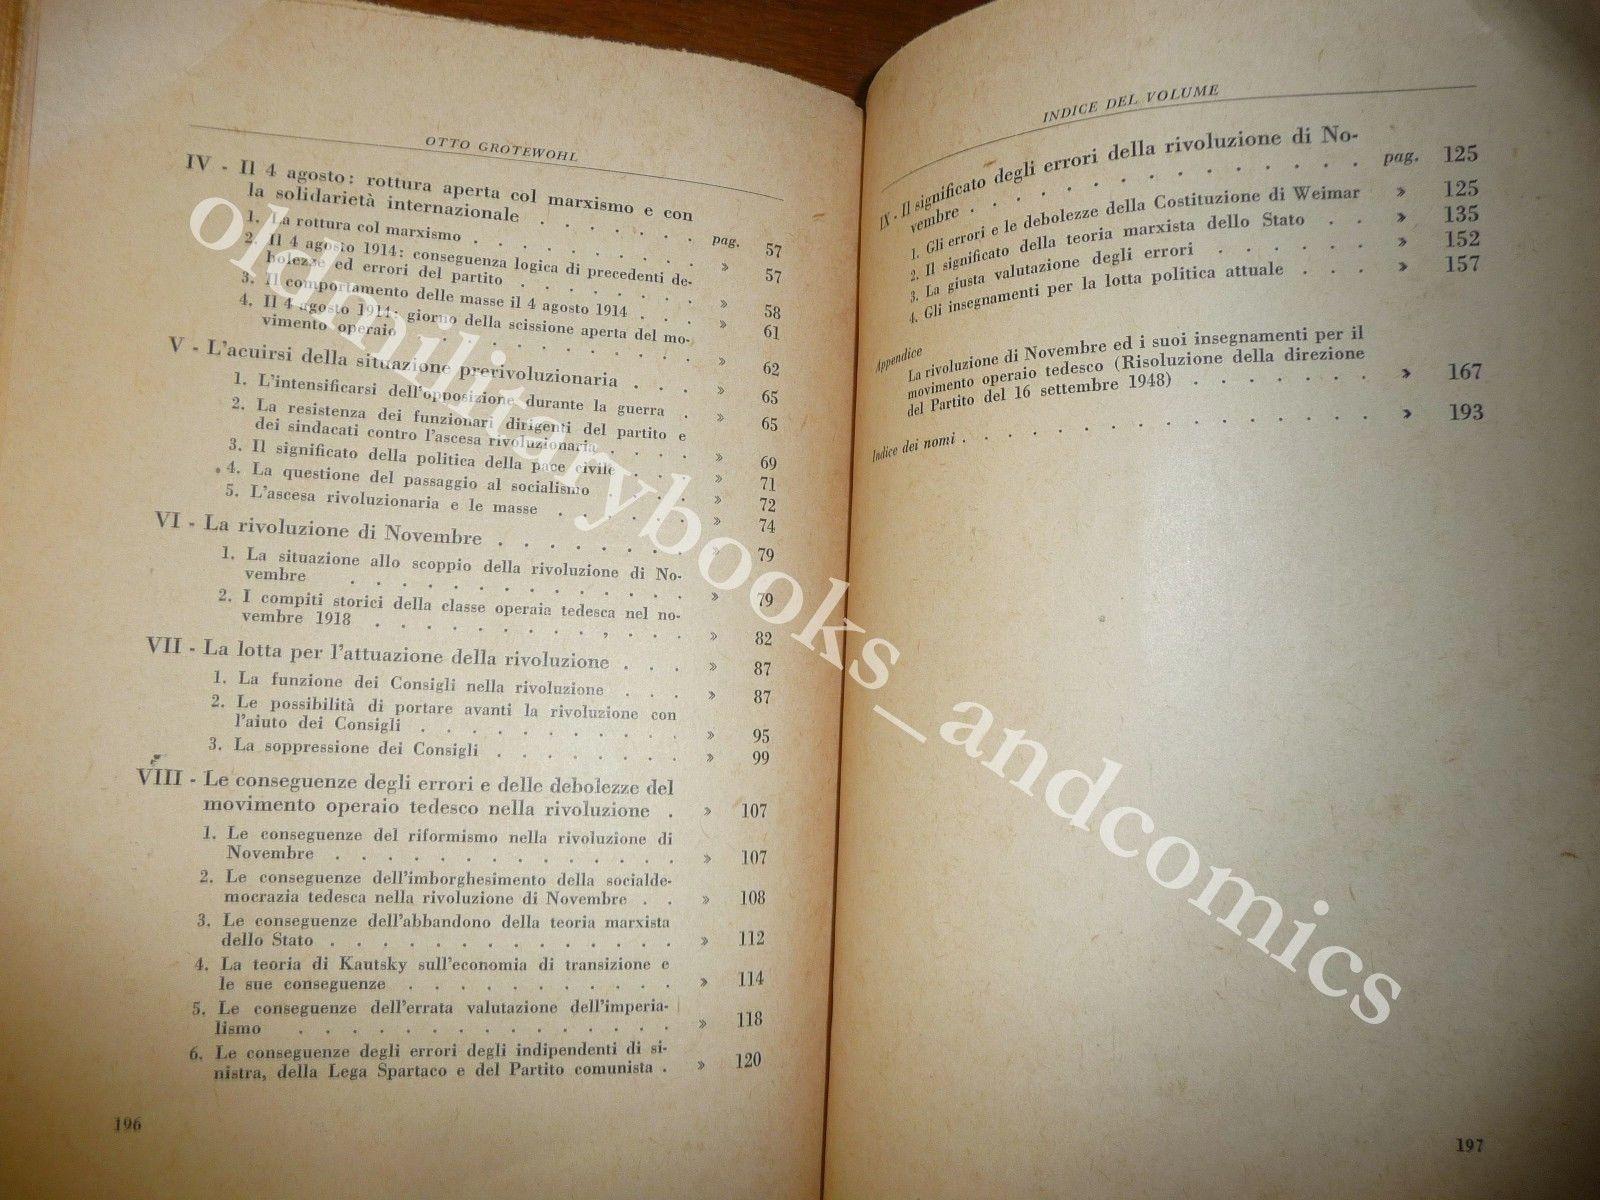 LA RIVOLUZIONE DEL 1918 IN GERMANIA OTTO GROTEWOHL CROLLO IMPERO FINE WWI